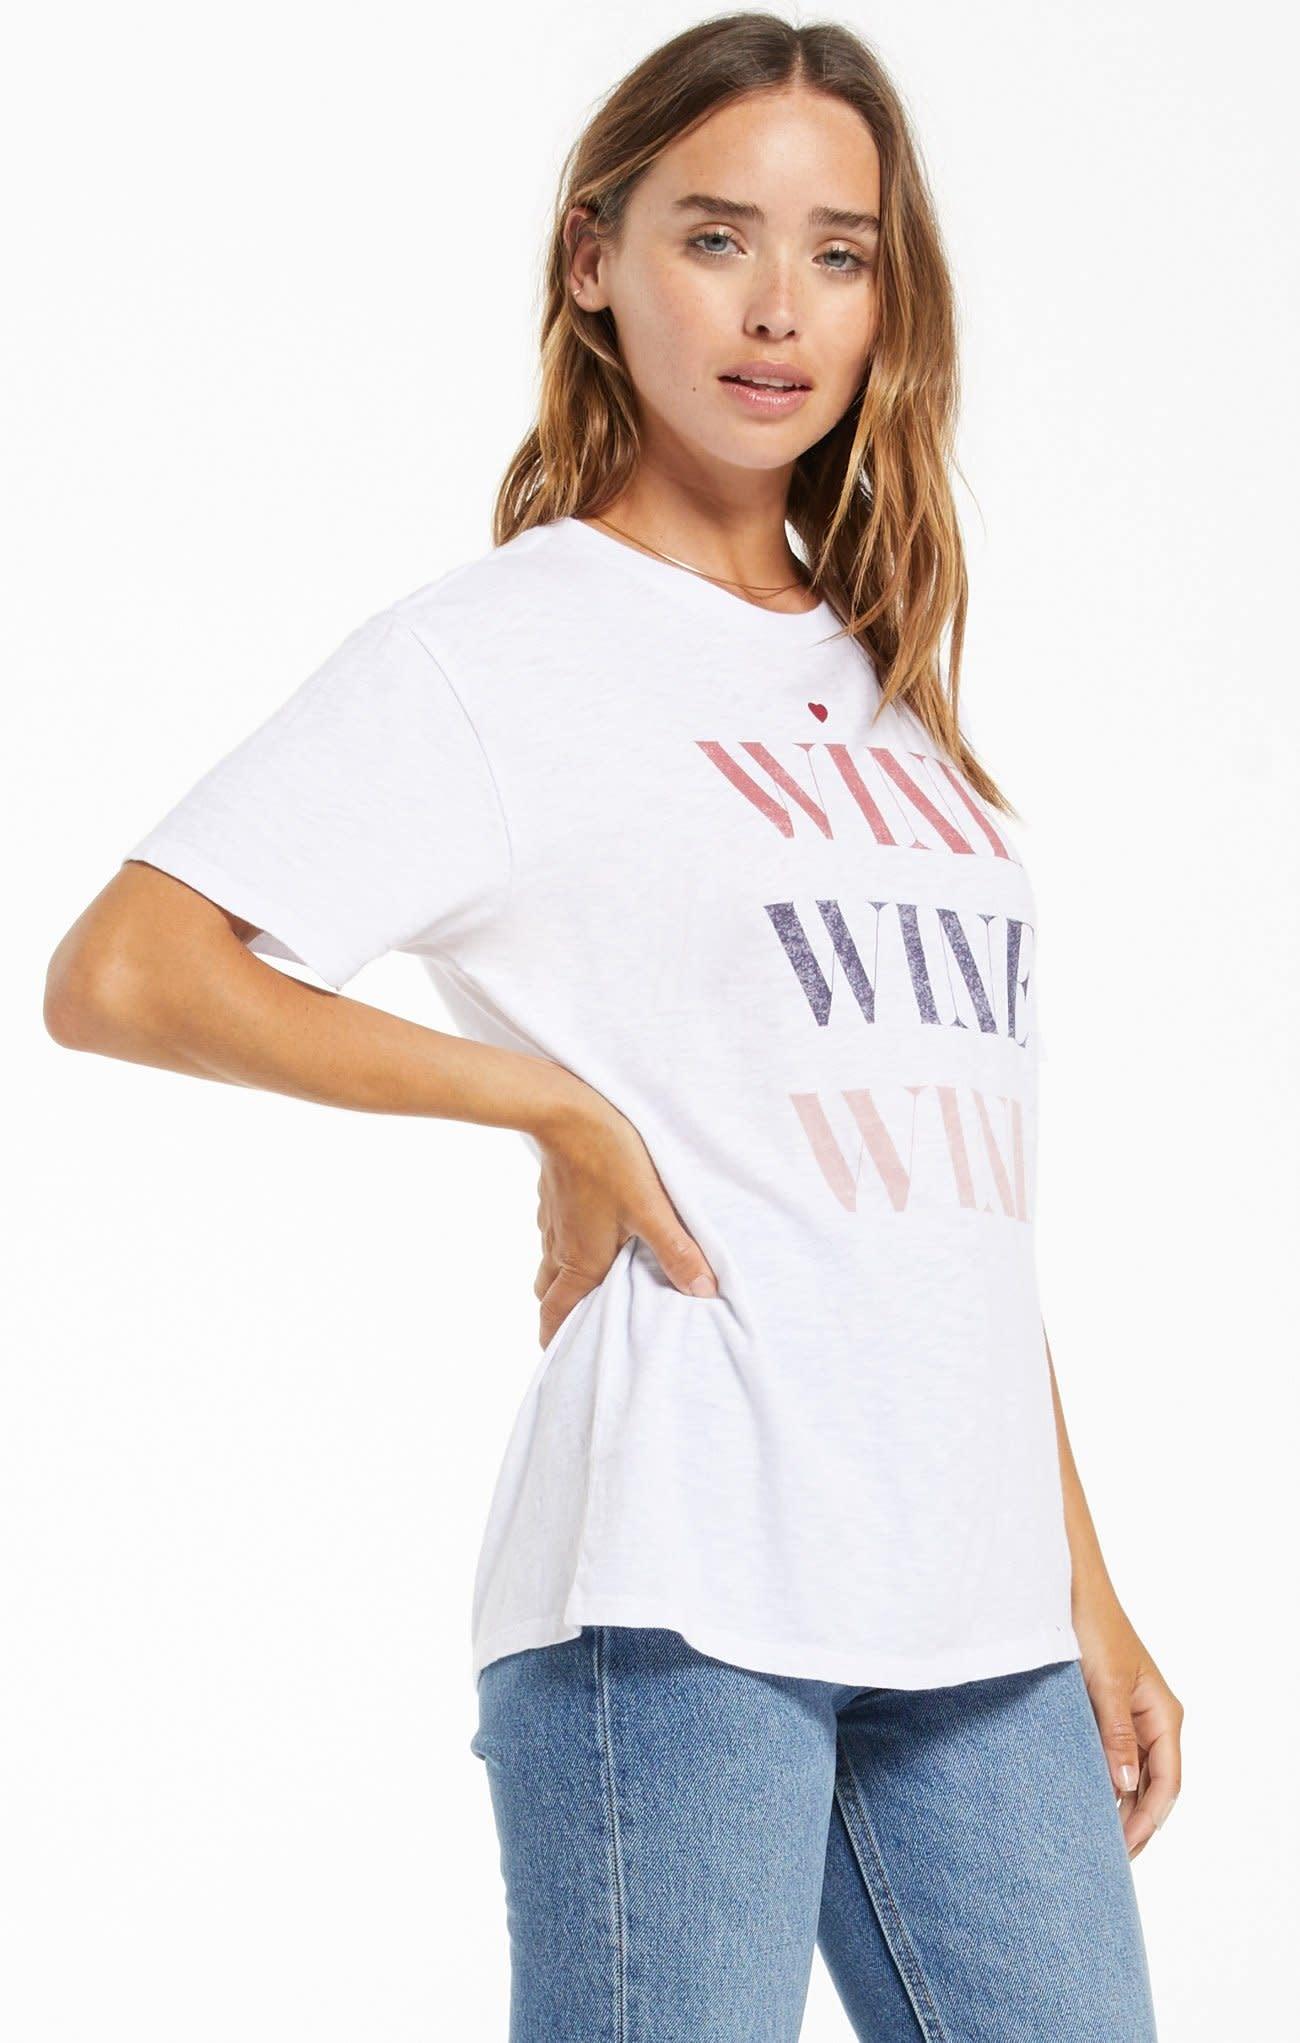 ZSUPPLY WINE WINE WINE TEE